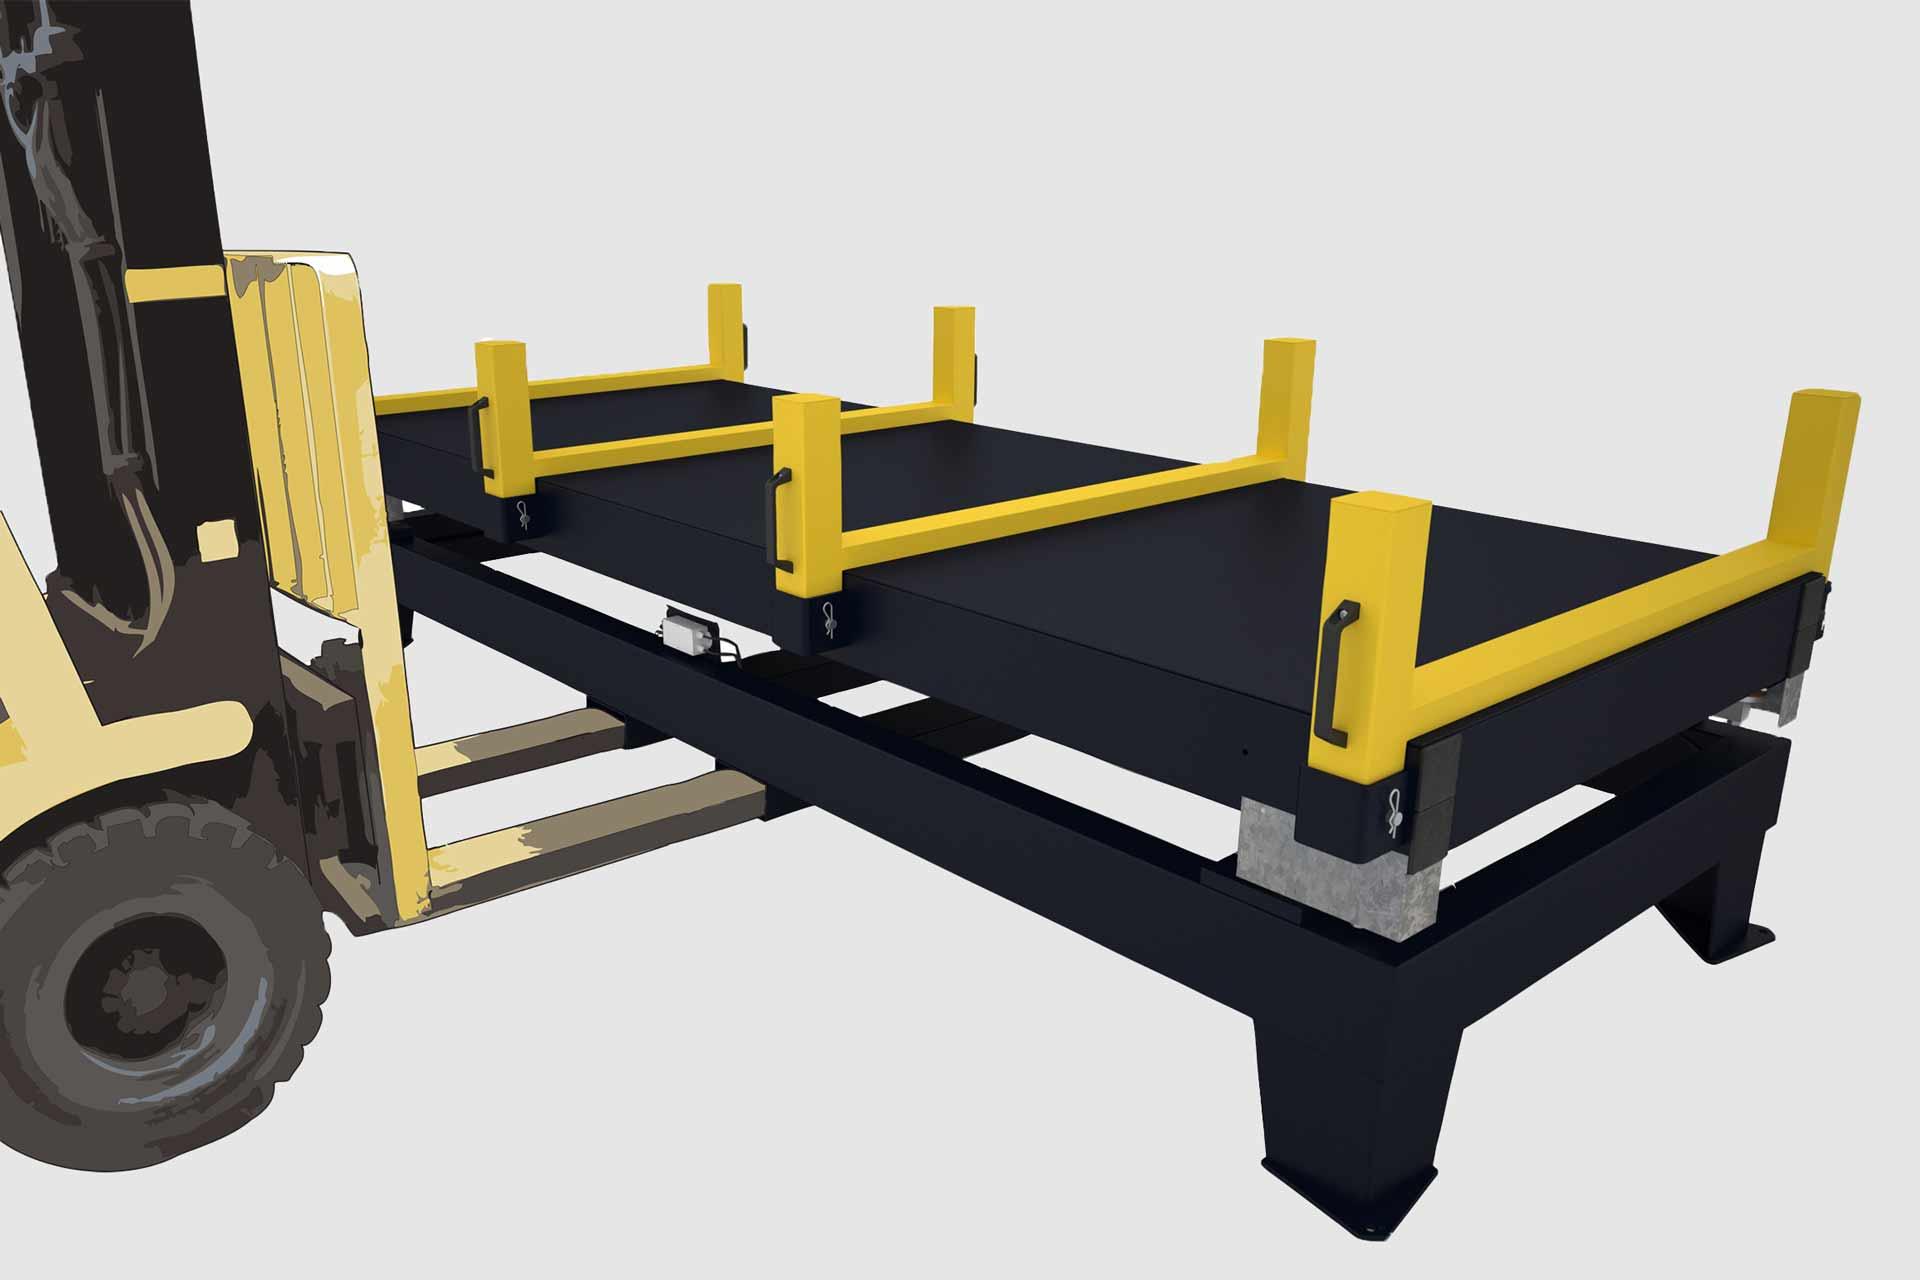 Plattformwaagen für Metall - im Einsatz